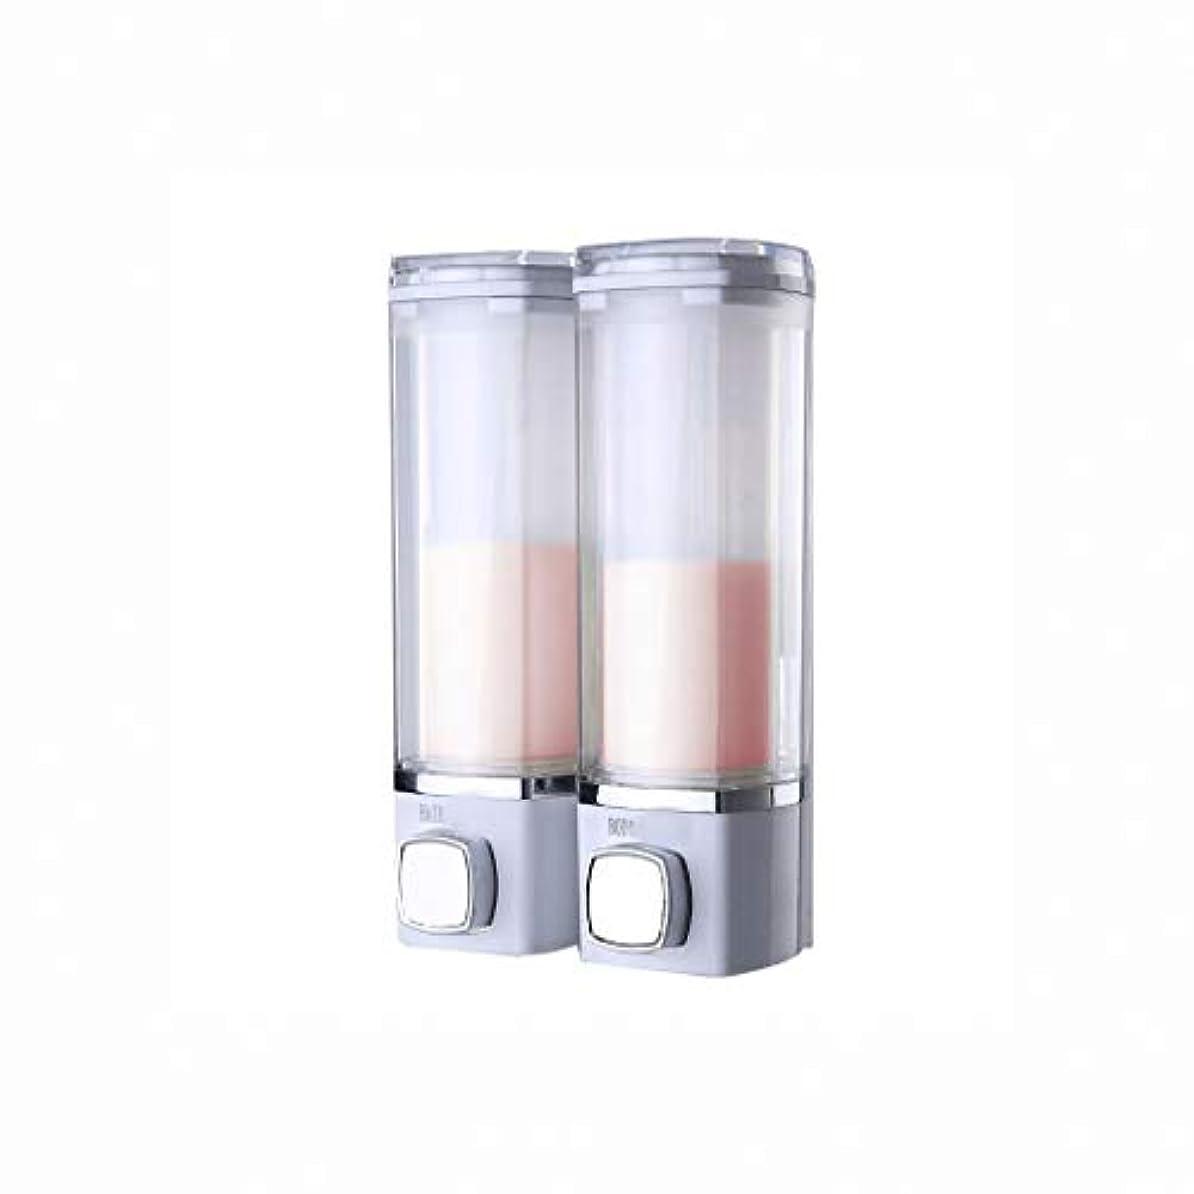 先例パウダー少数せっけん ソープディスペンサー無料パンチホテルホテルホームの壁には、マニュアルソープディスペンサー浴室のシャンプーシャワージェルボックスハンドサニタイザーは、ダブルヘッド空き瓶ボトルハンギング 新しい